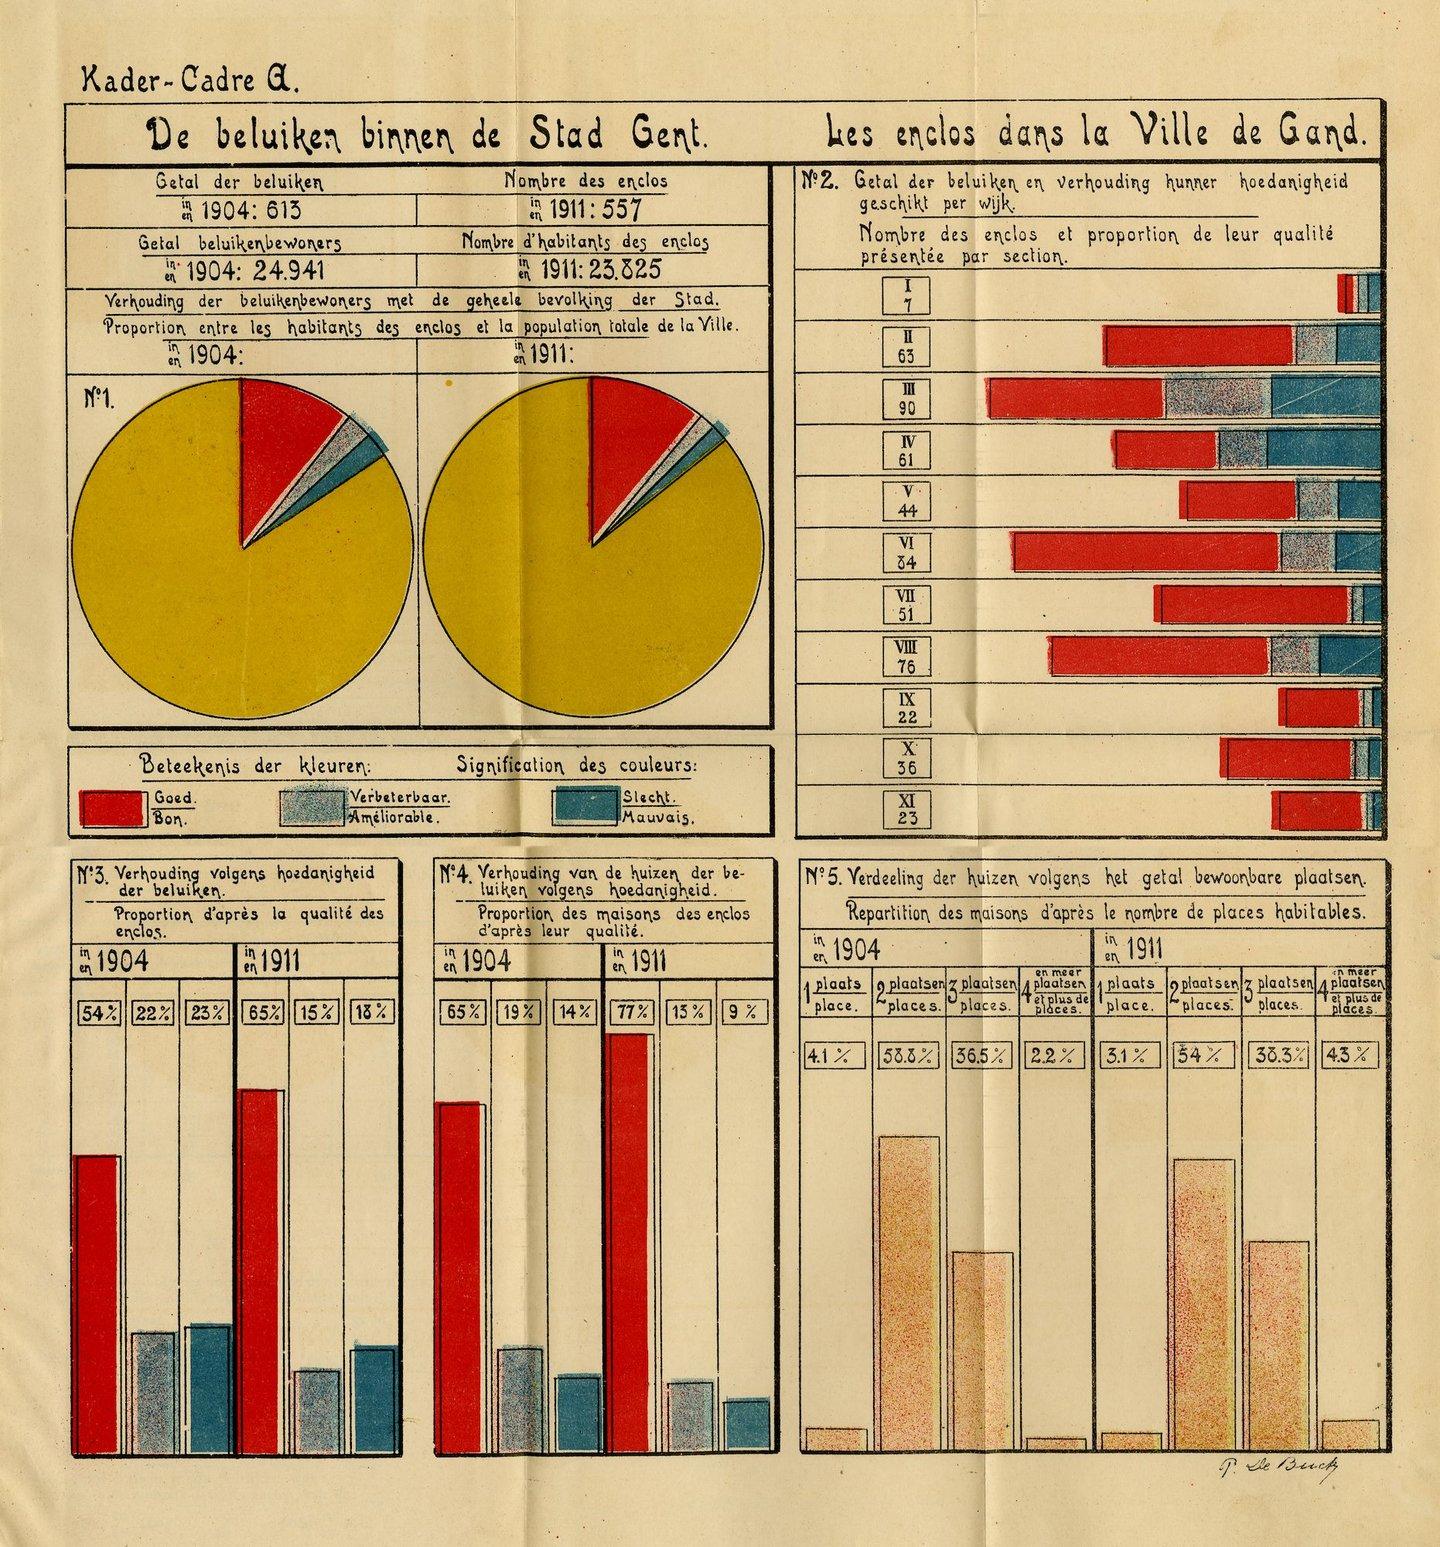 Grafische voorstelling van het aantal beluiken binnen de Stad Gent in 1904 en 1911